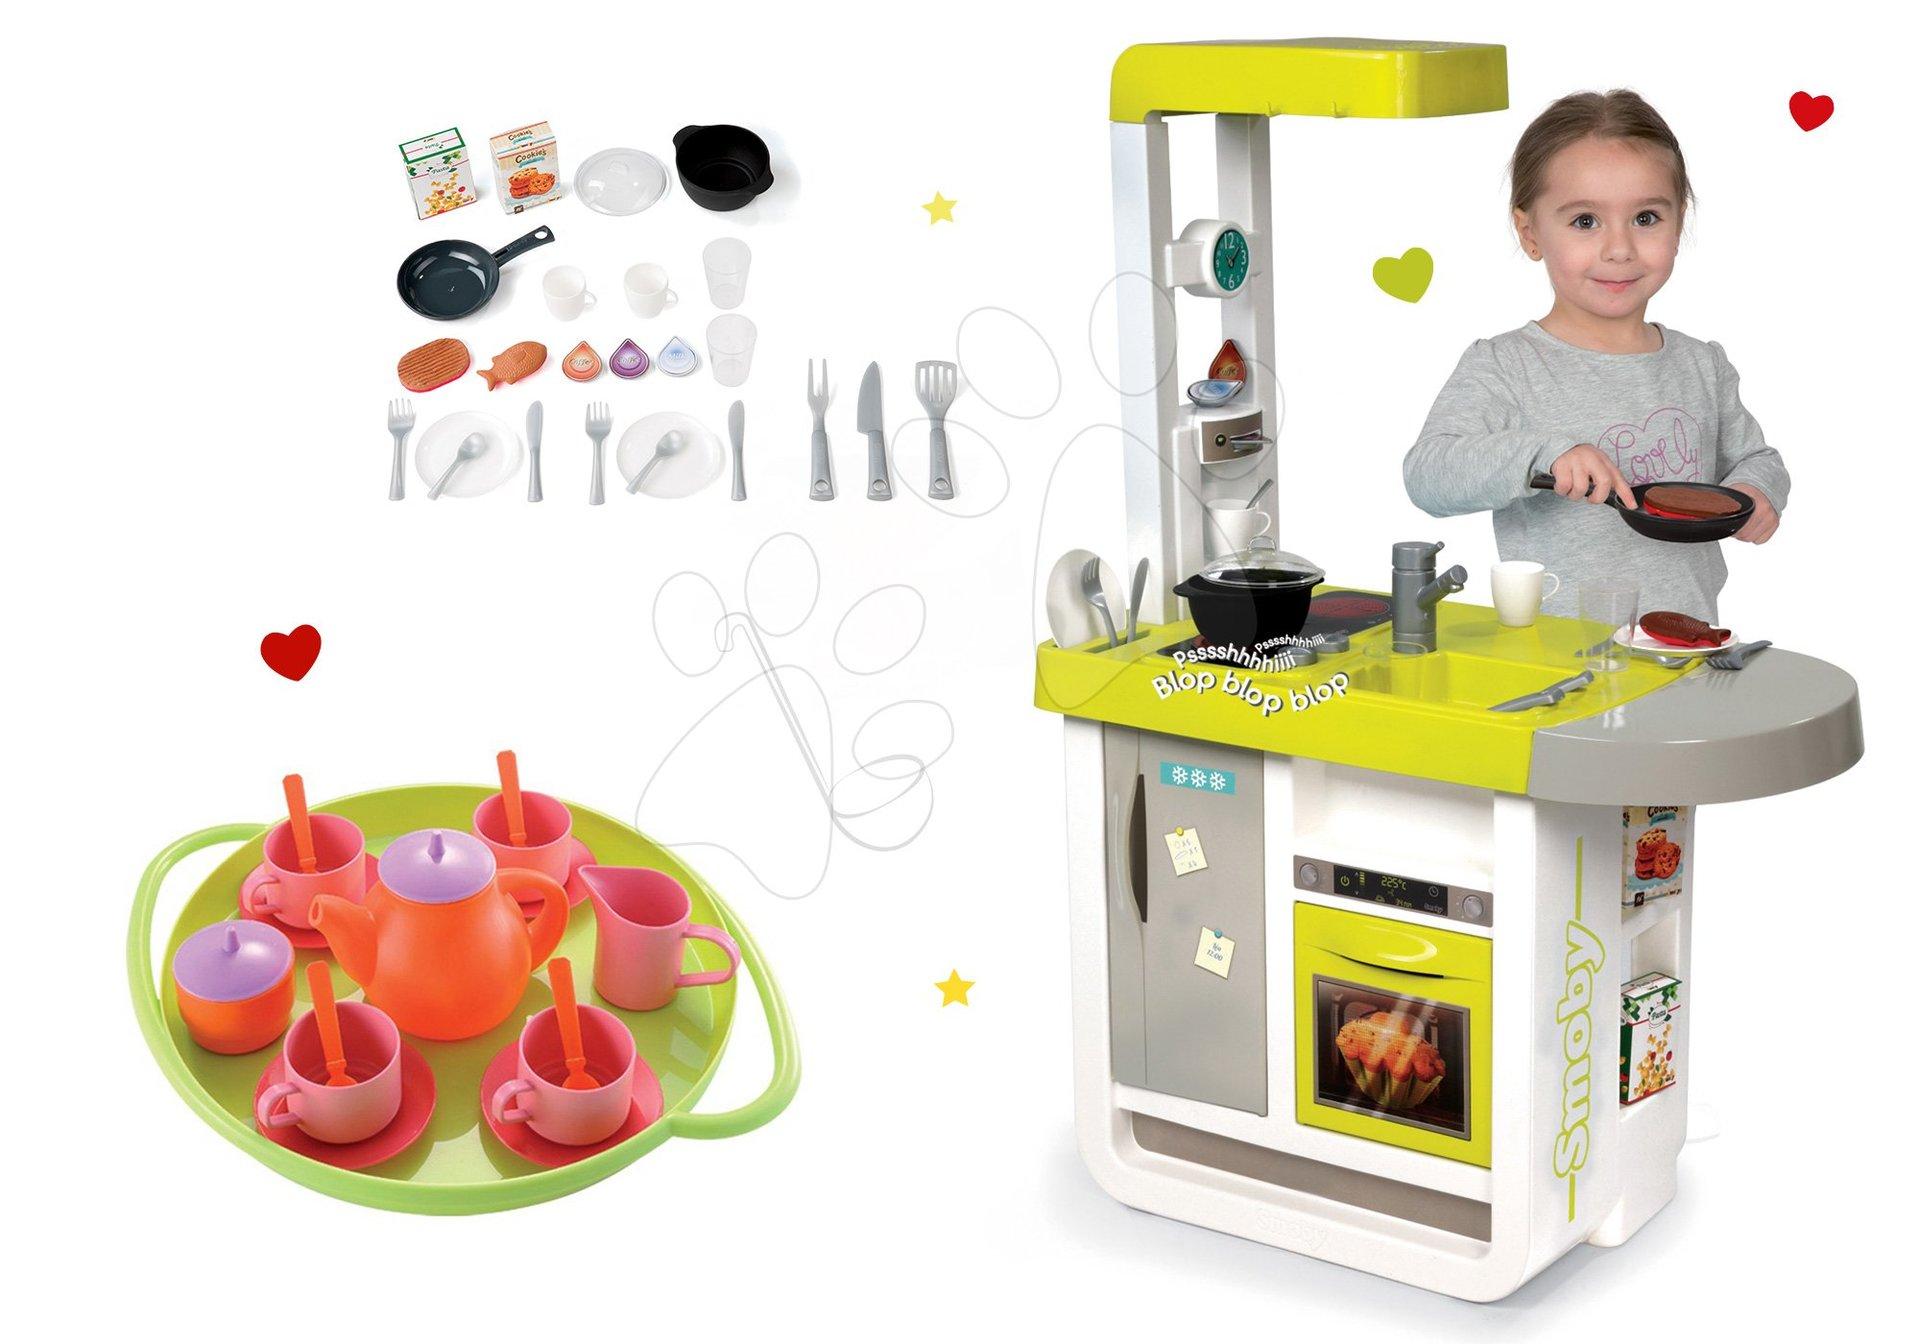 Smoby set detská kuchynka elektronická Cherry so zvukmi a čajová súprava na tácke 310908-13